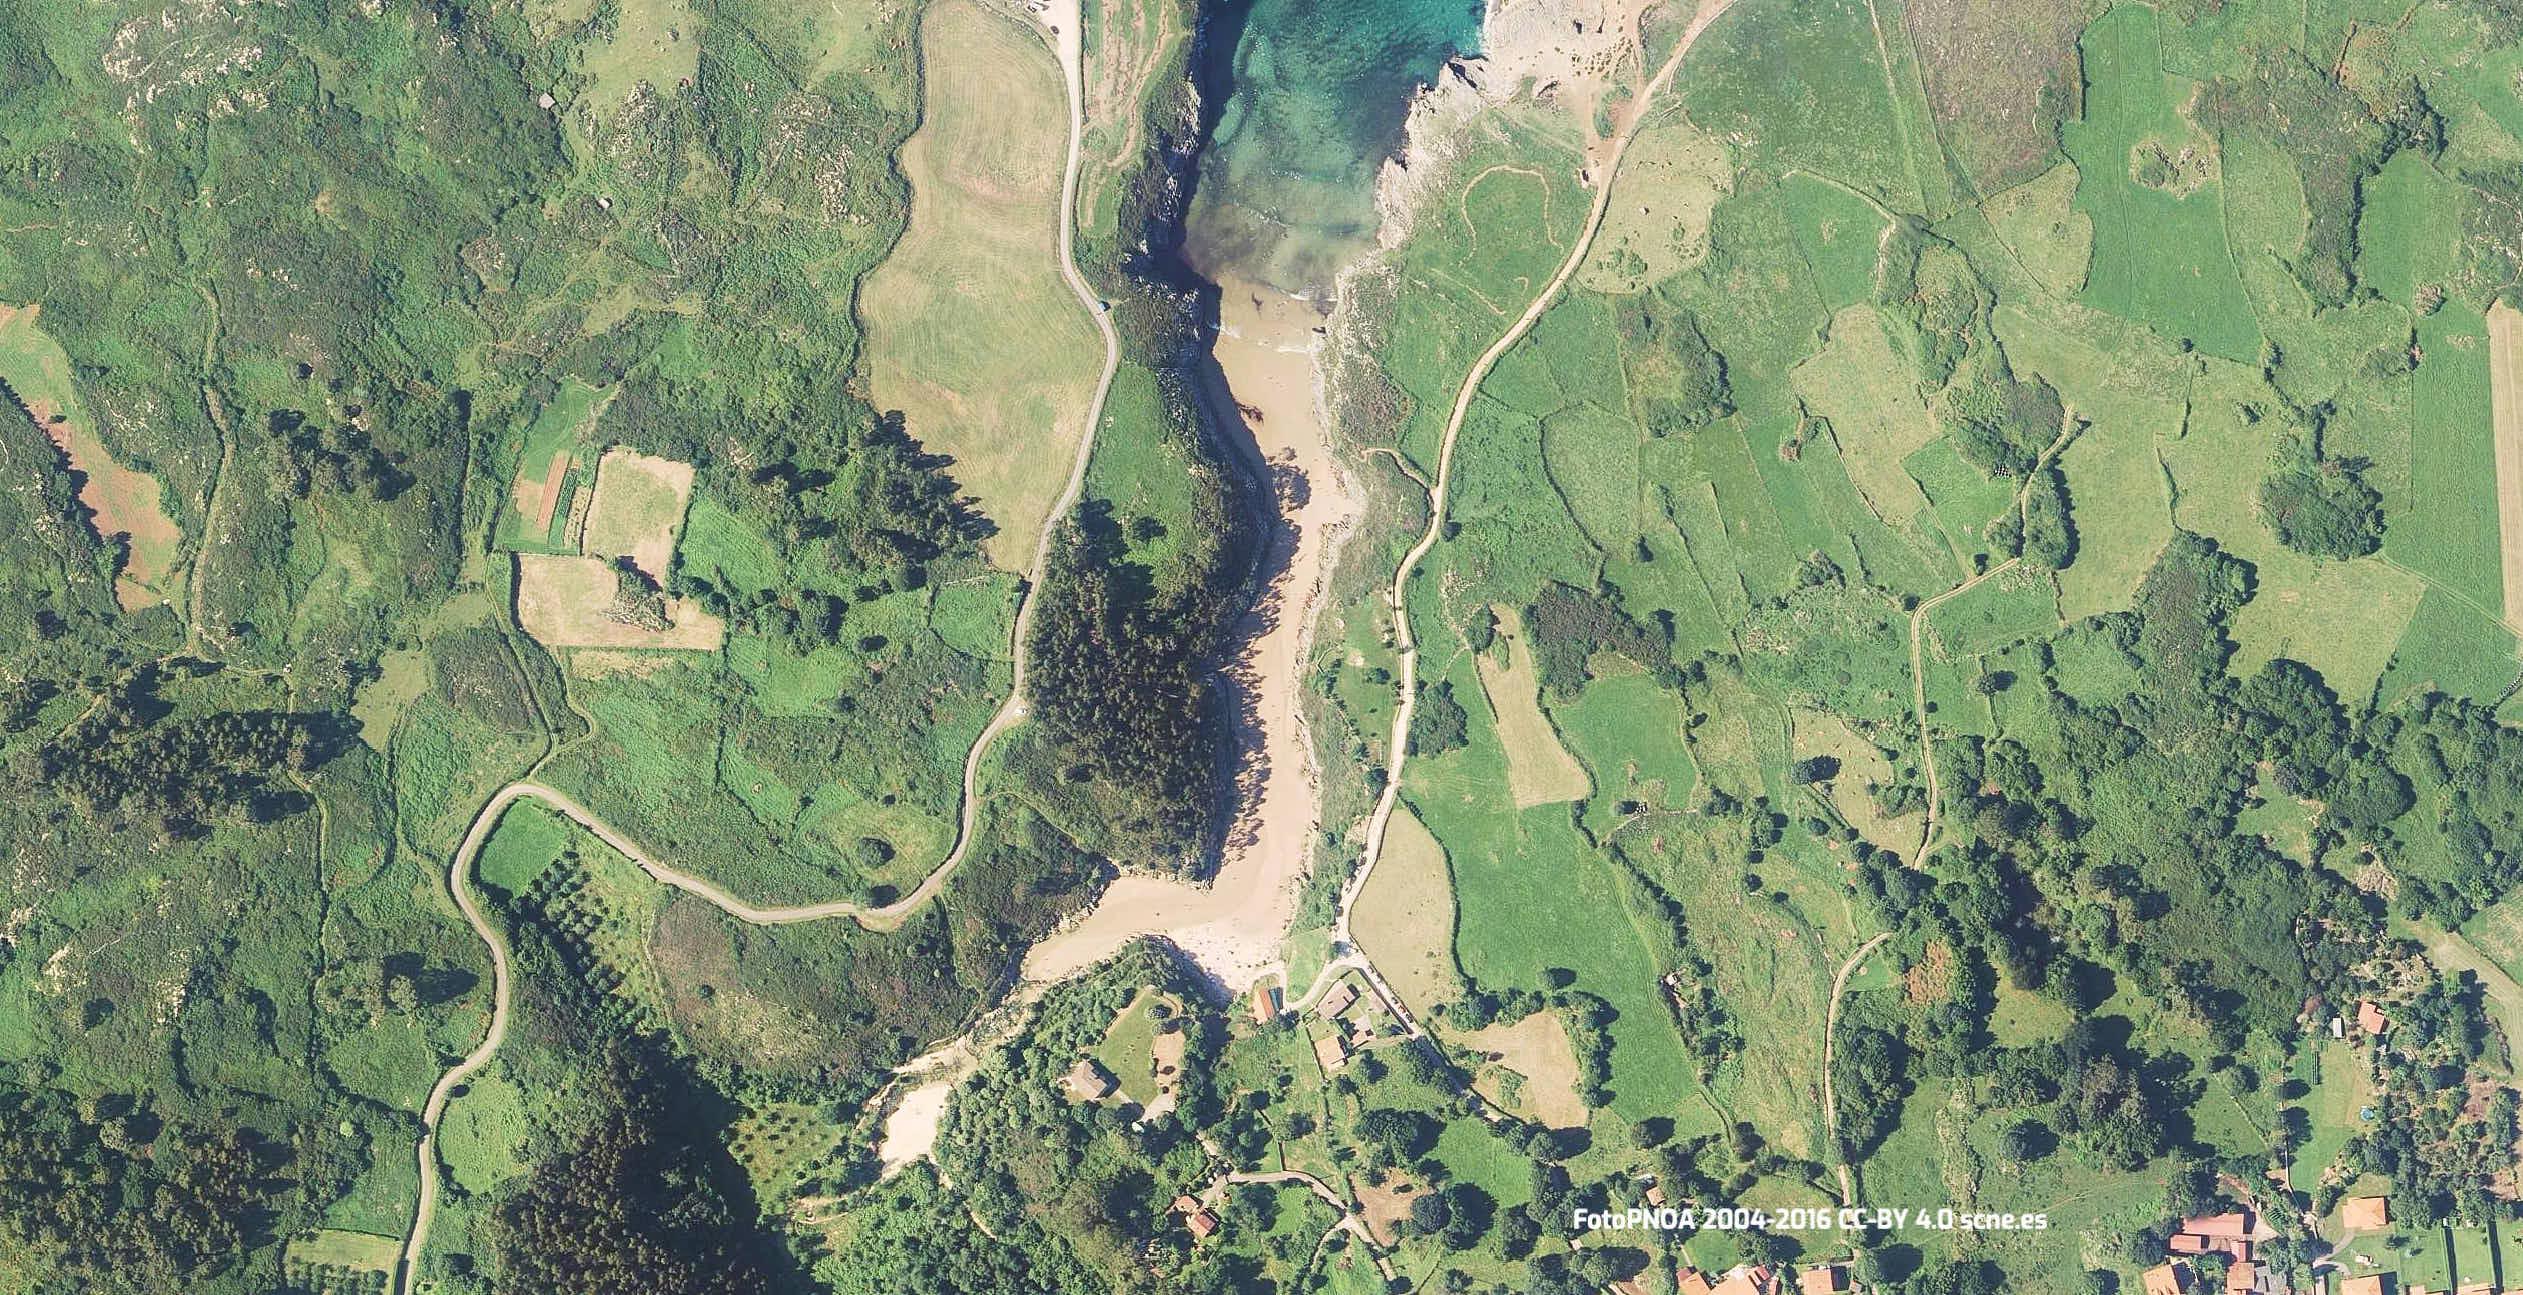 Vista aerea de la playa de Guadamia en Llanes, Asturias